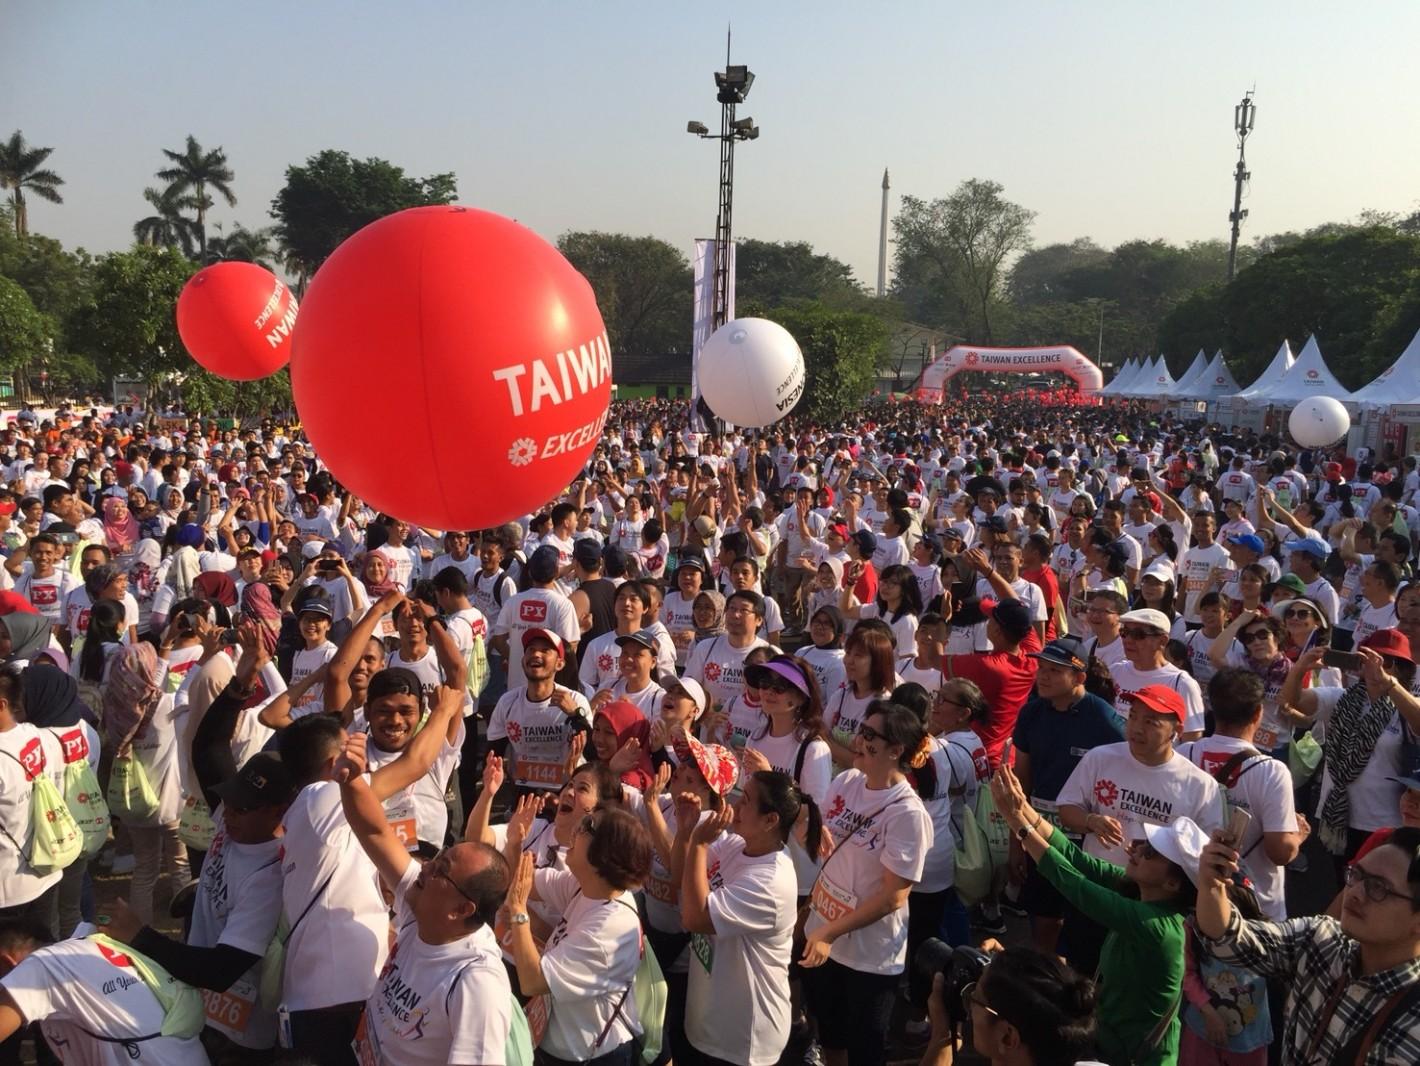 台灣精品公益路跑開跑,以翻滾大球象徵為亞運中華隊及印尼隊加油。